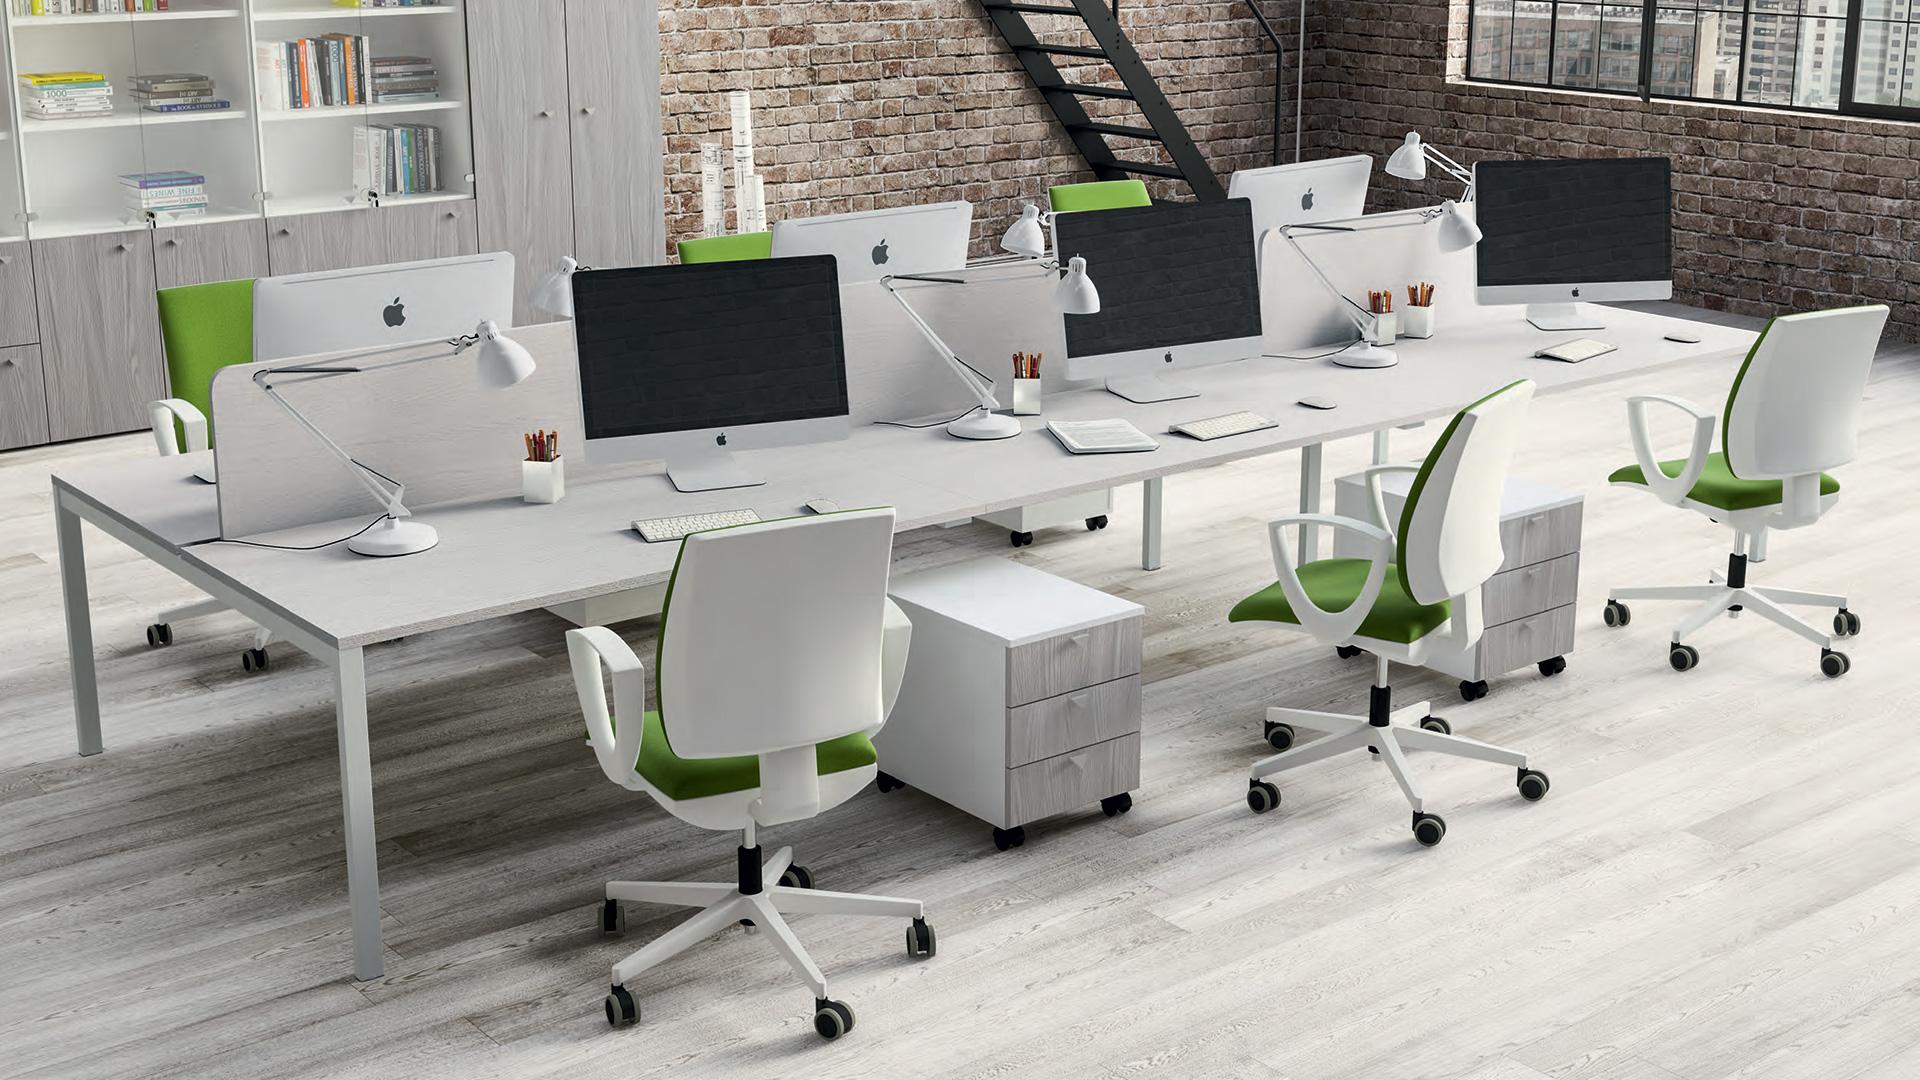 Mobili arredo ufficio torino sumisura fabbrica arredamenti arredo uffici - Bagni per uffici ...